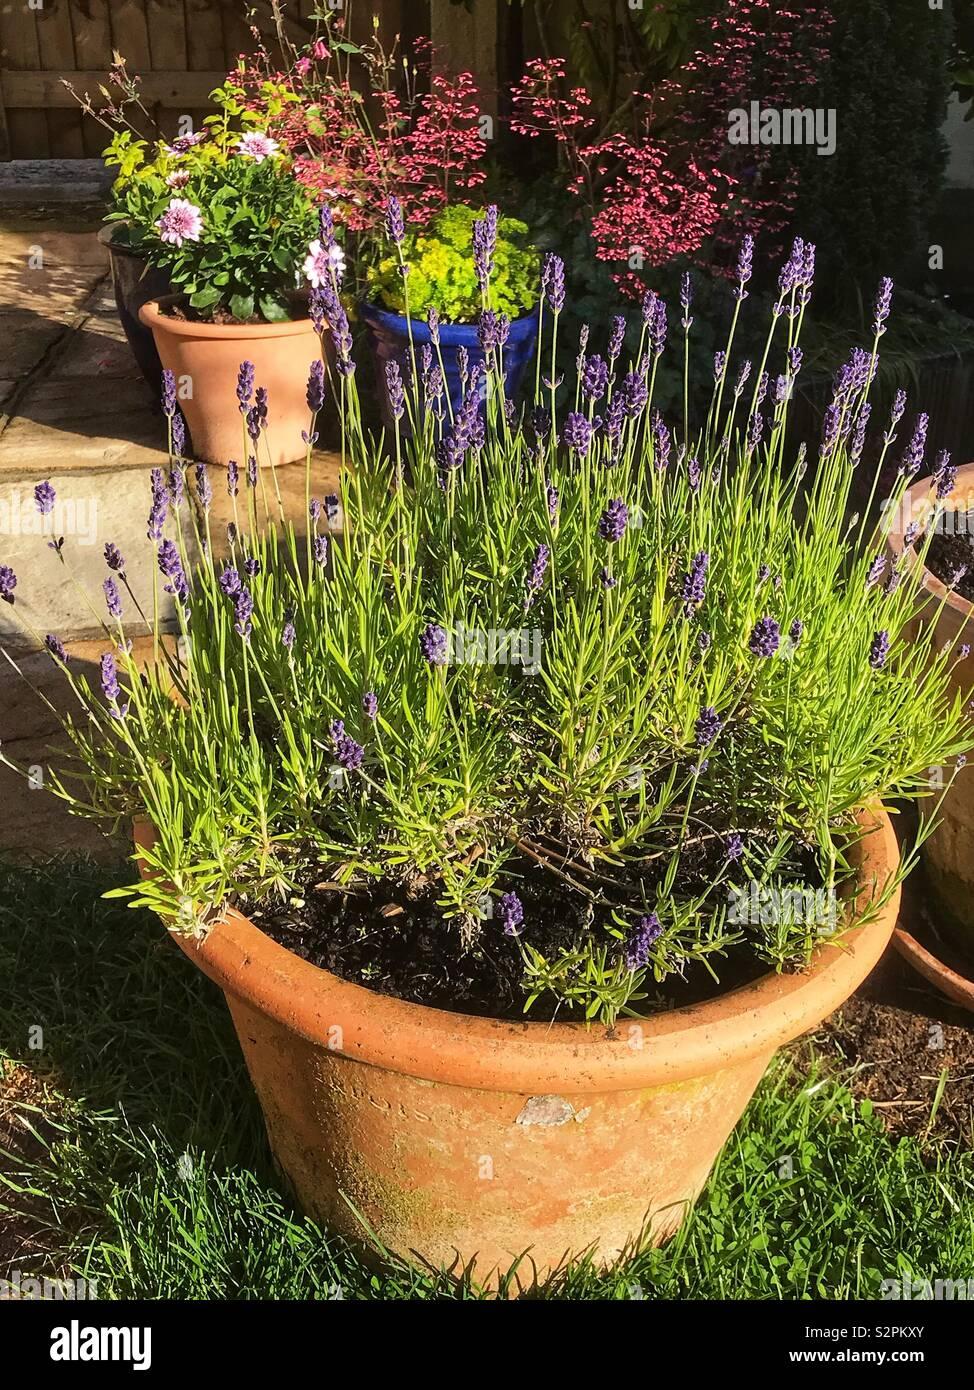 Behälter-Gartenarbeit Stockbild